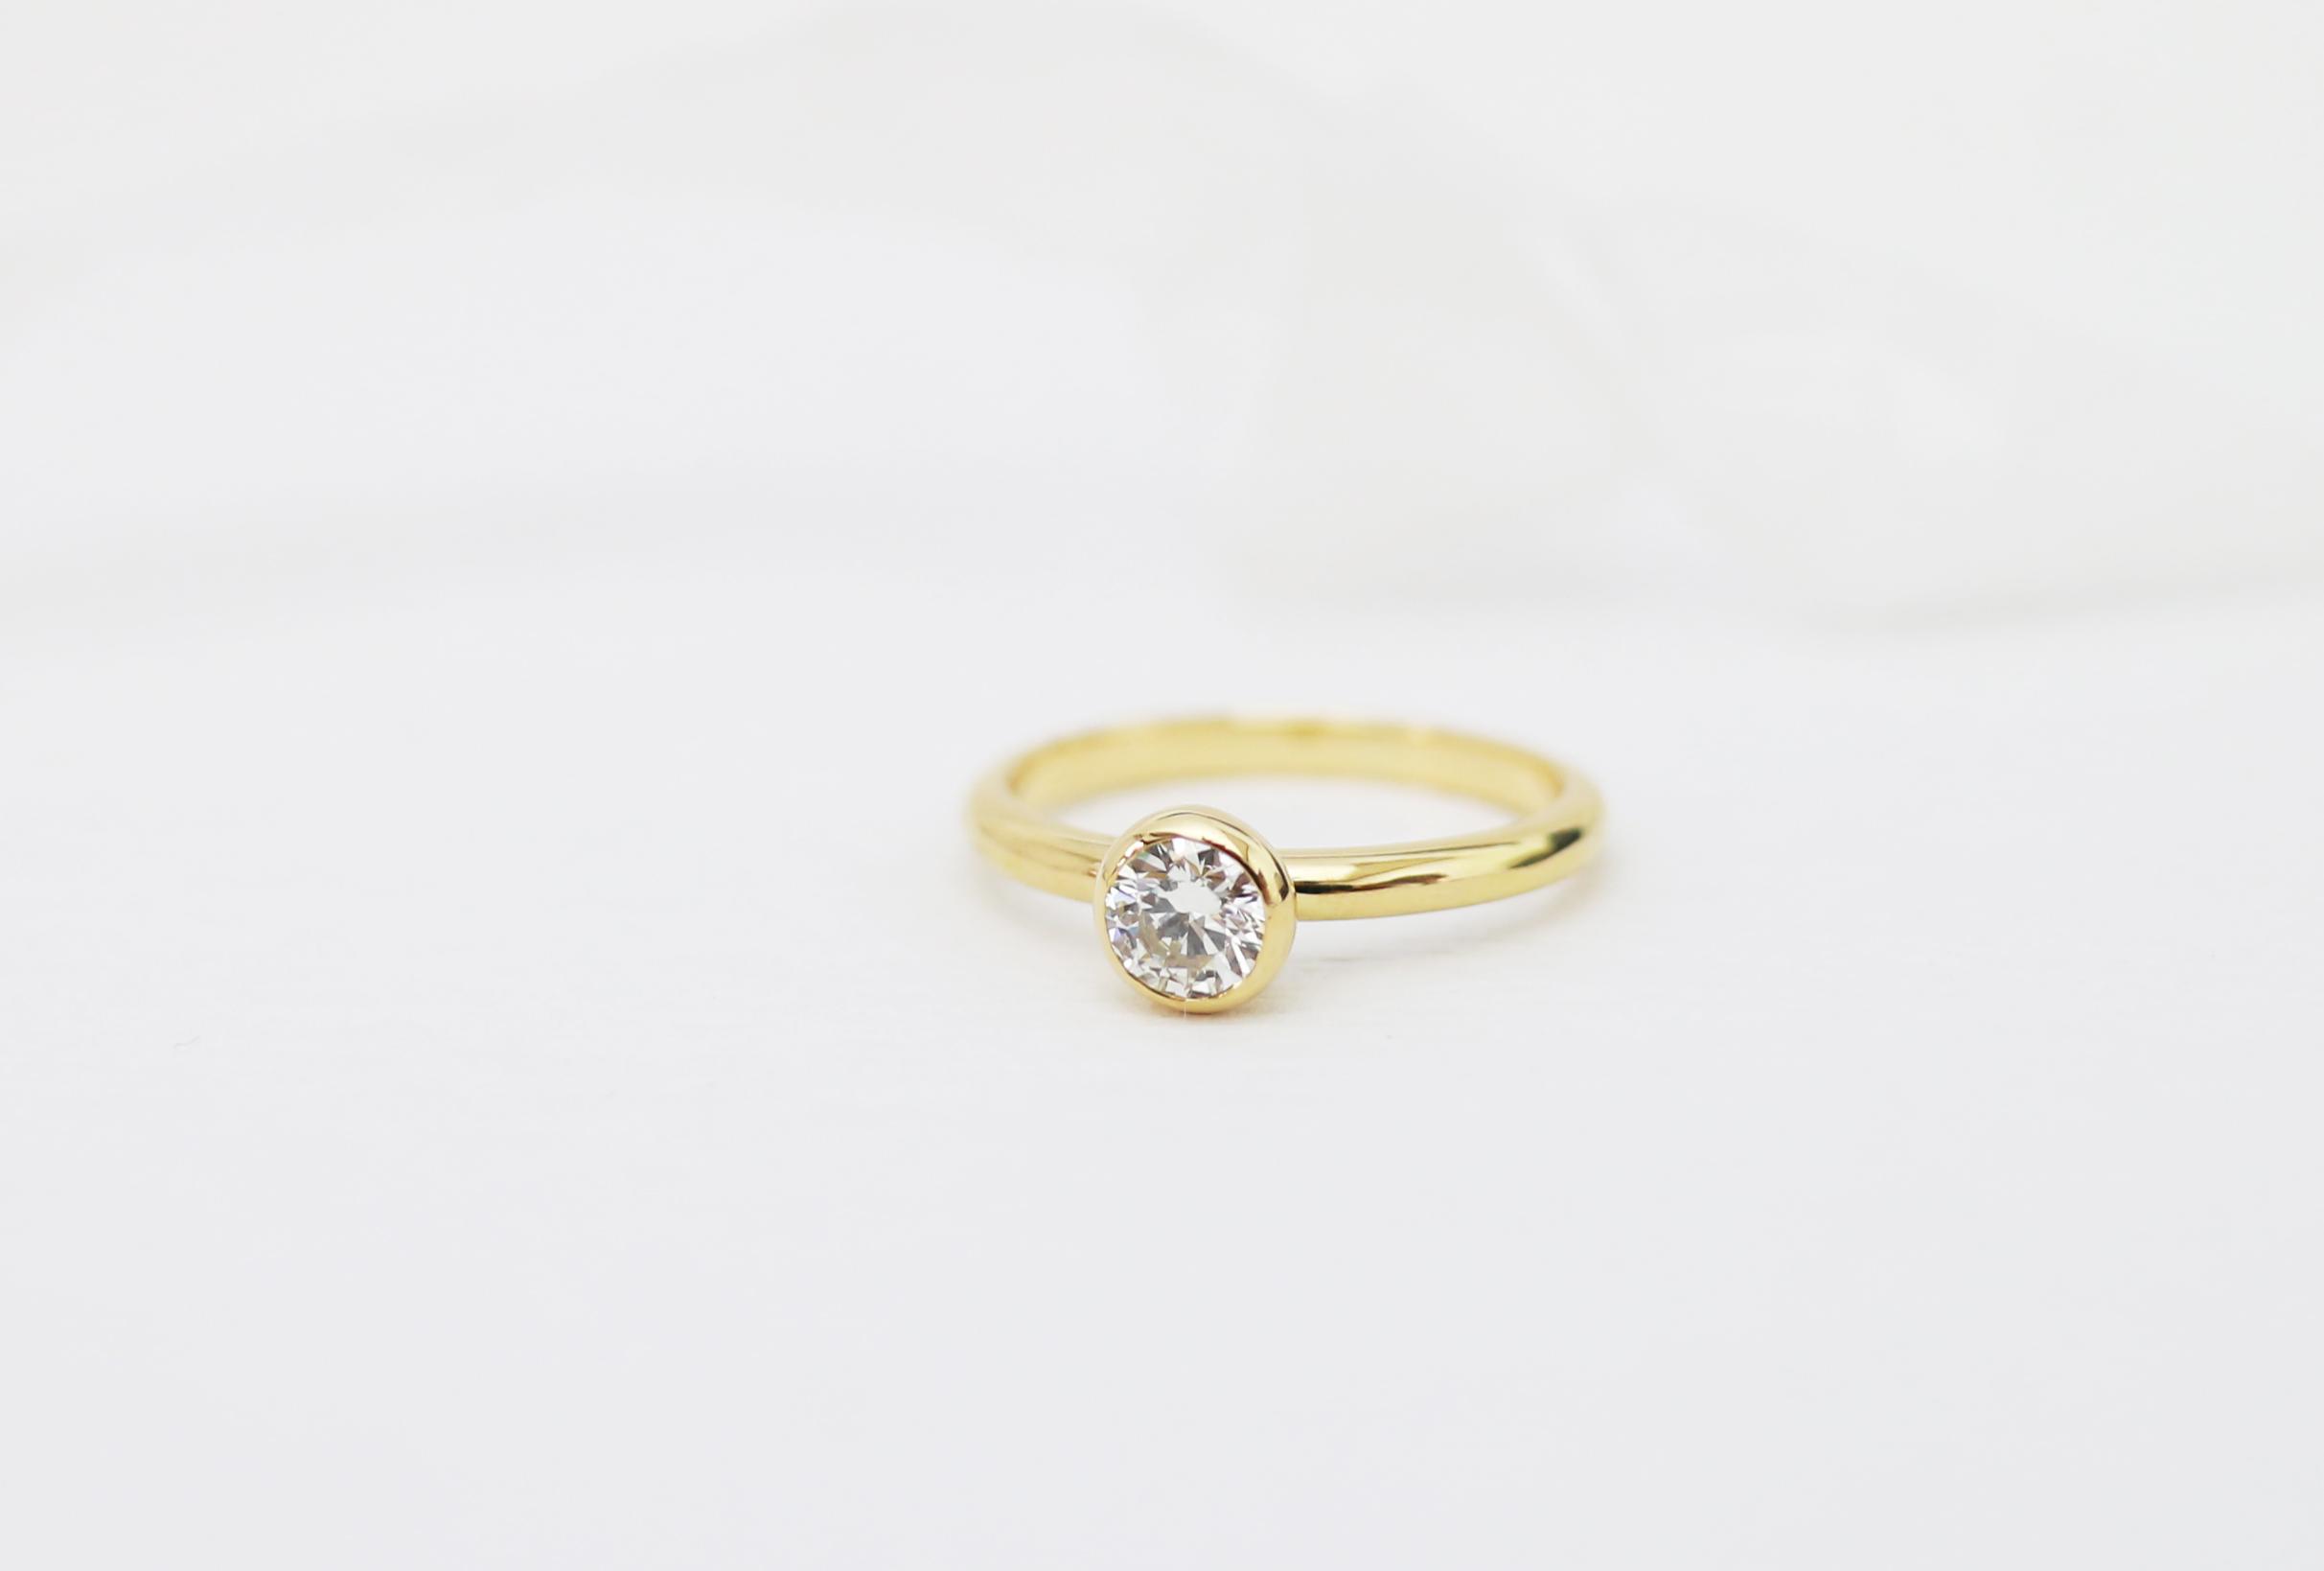 K18イエローゴールドの婚約指輪